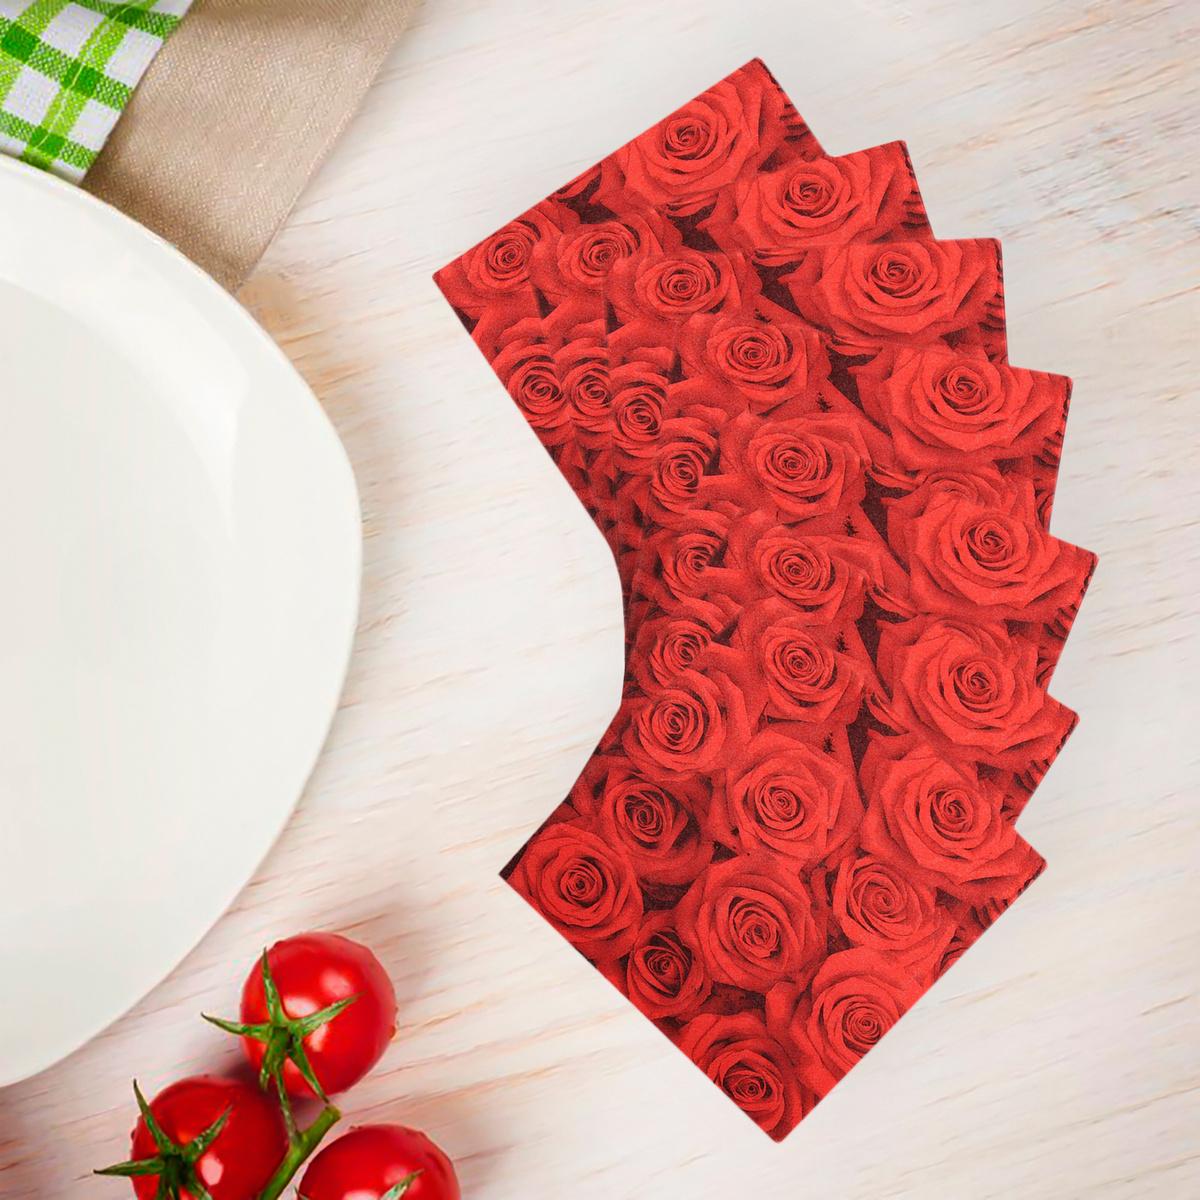 Салфетки бумажные сервировочные Страна Карнавалия 335458 Бумага 33x33см, 20шт.  #1